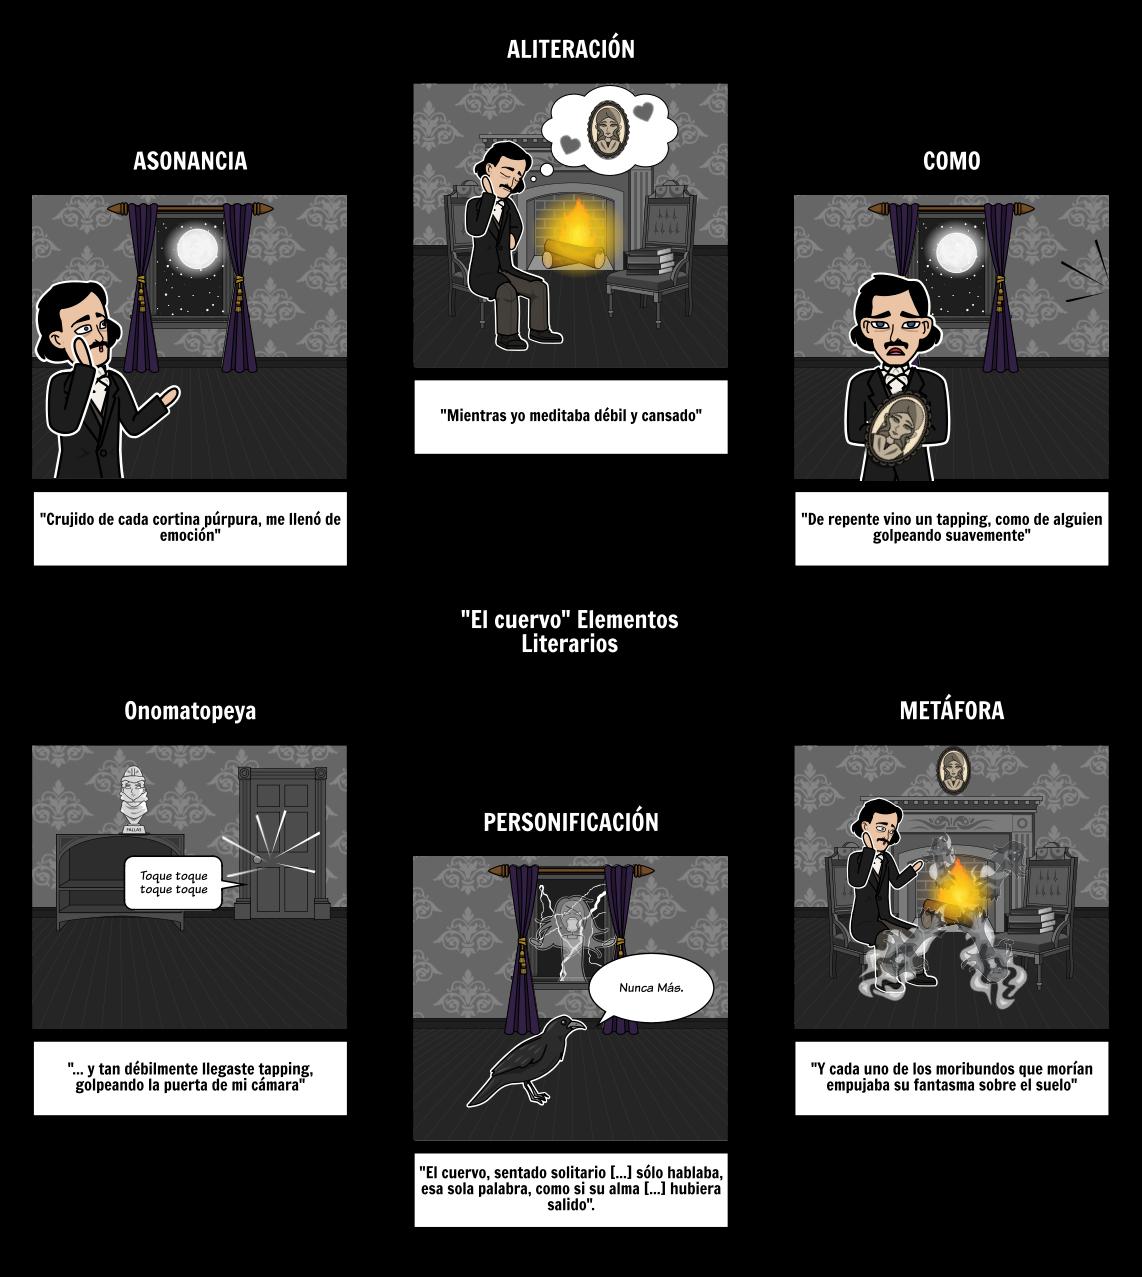 El Cuervo - Elementos Literarios